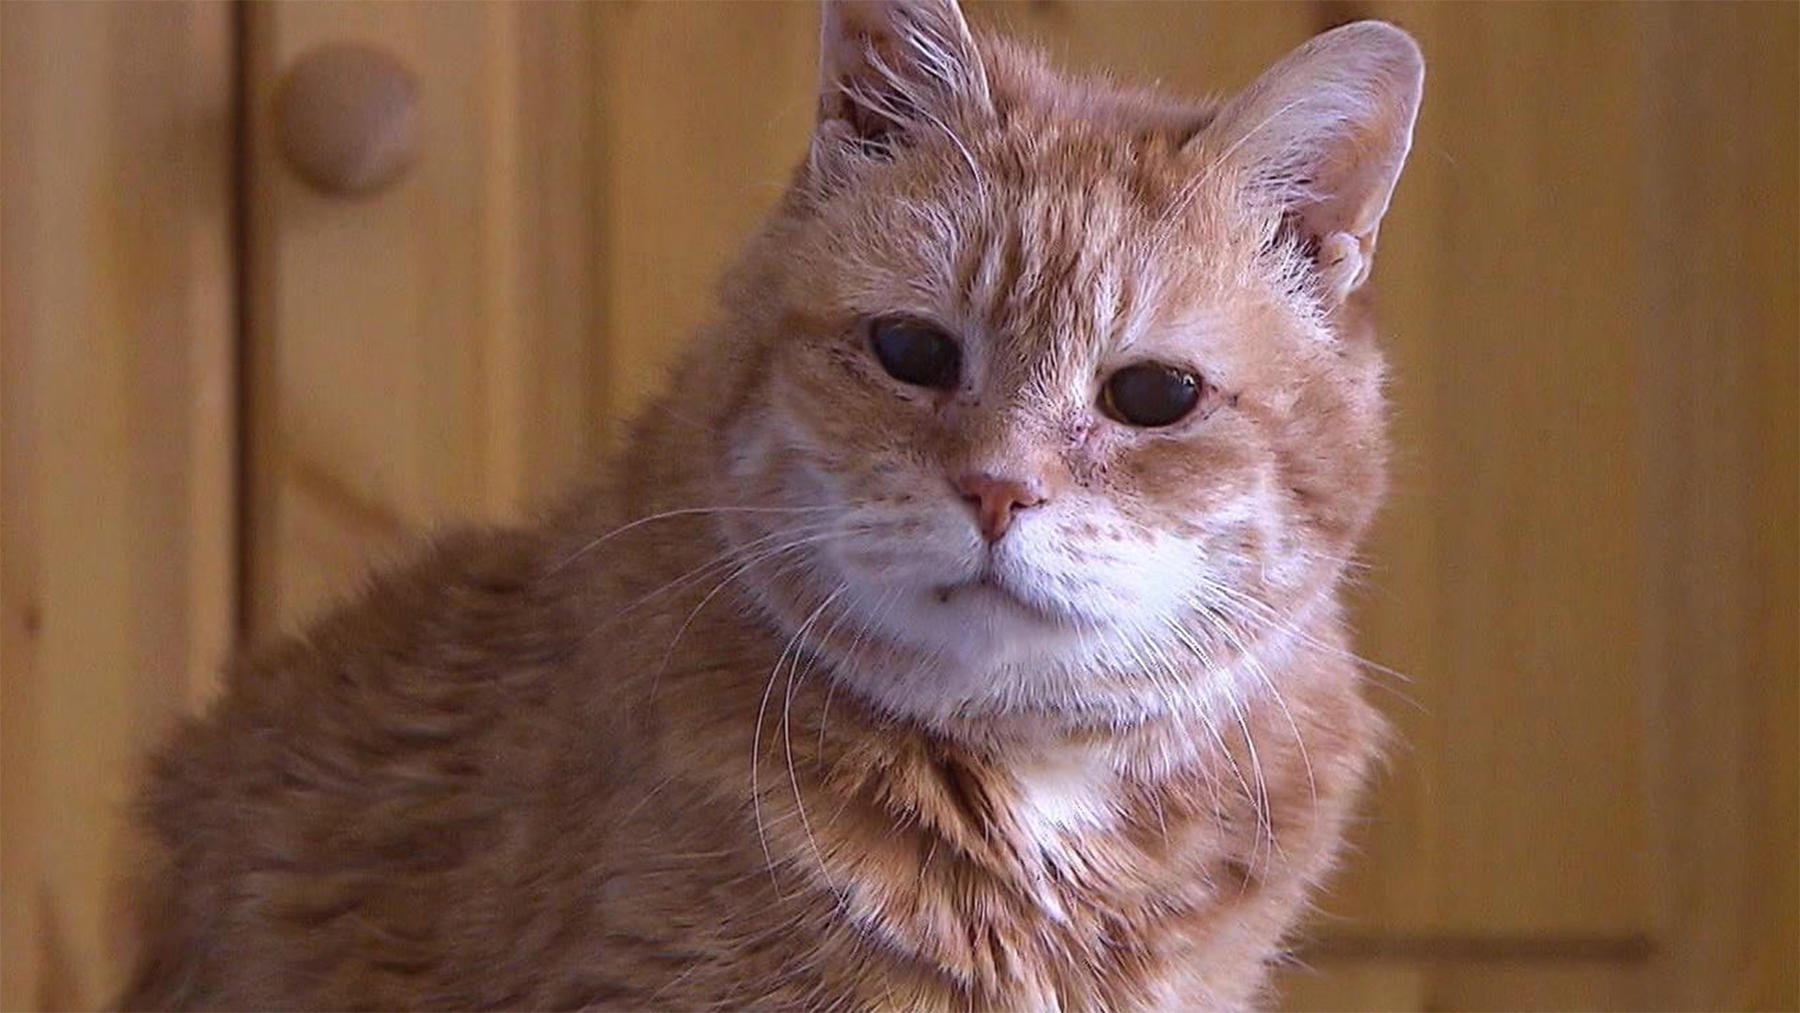 Thema u. a.: Wenn Katzen alt werden